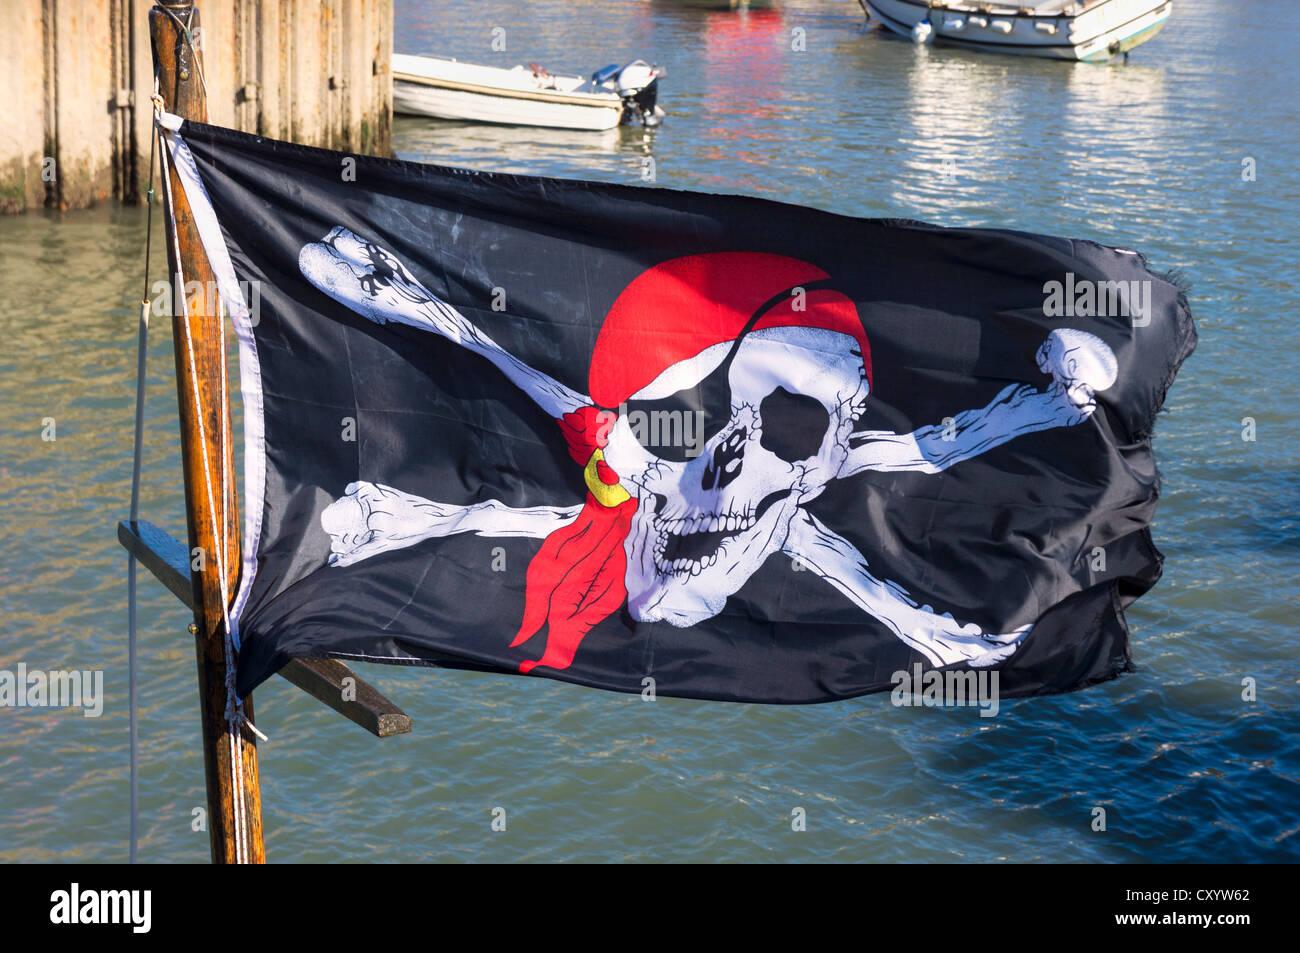 Jolly Roger flag, UK - Stock Image